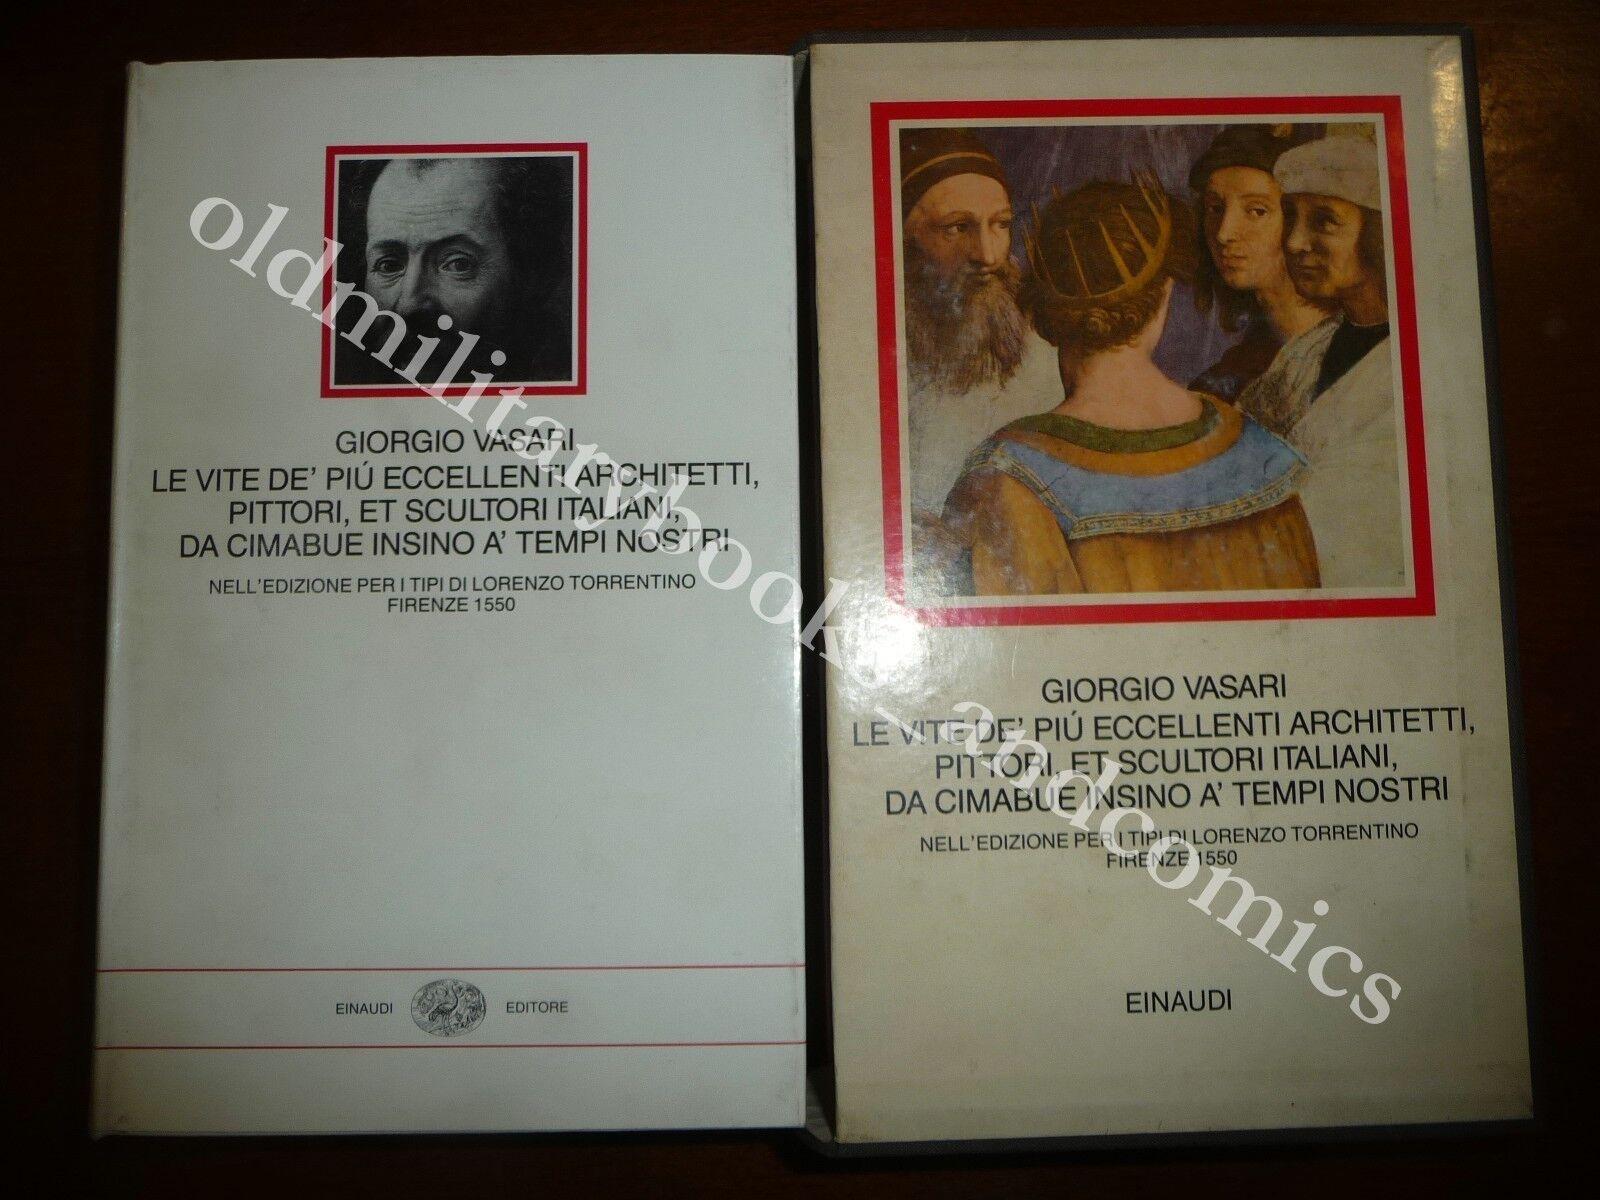 LE VITE DE PIU ECCELLENTI ARCHITETTI PITTORI ET SCULTORI ITALIANI DA CIMABUE ETC